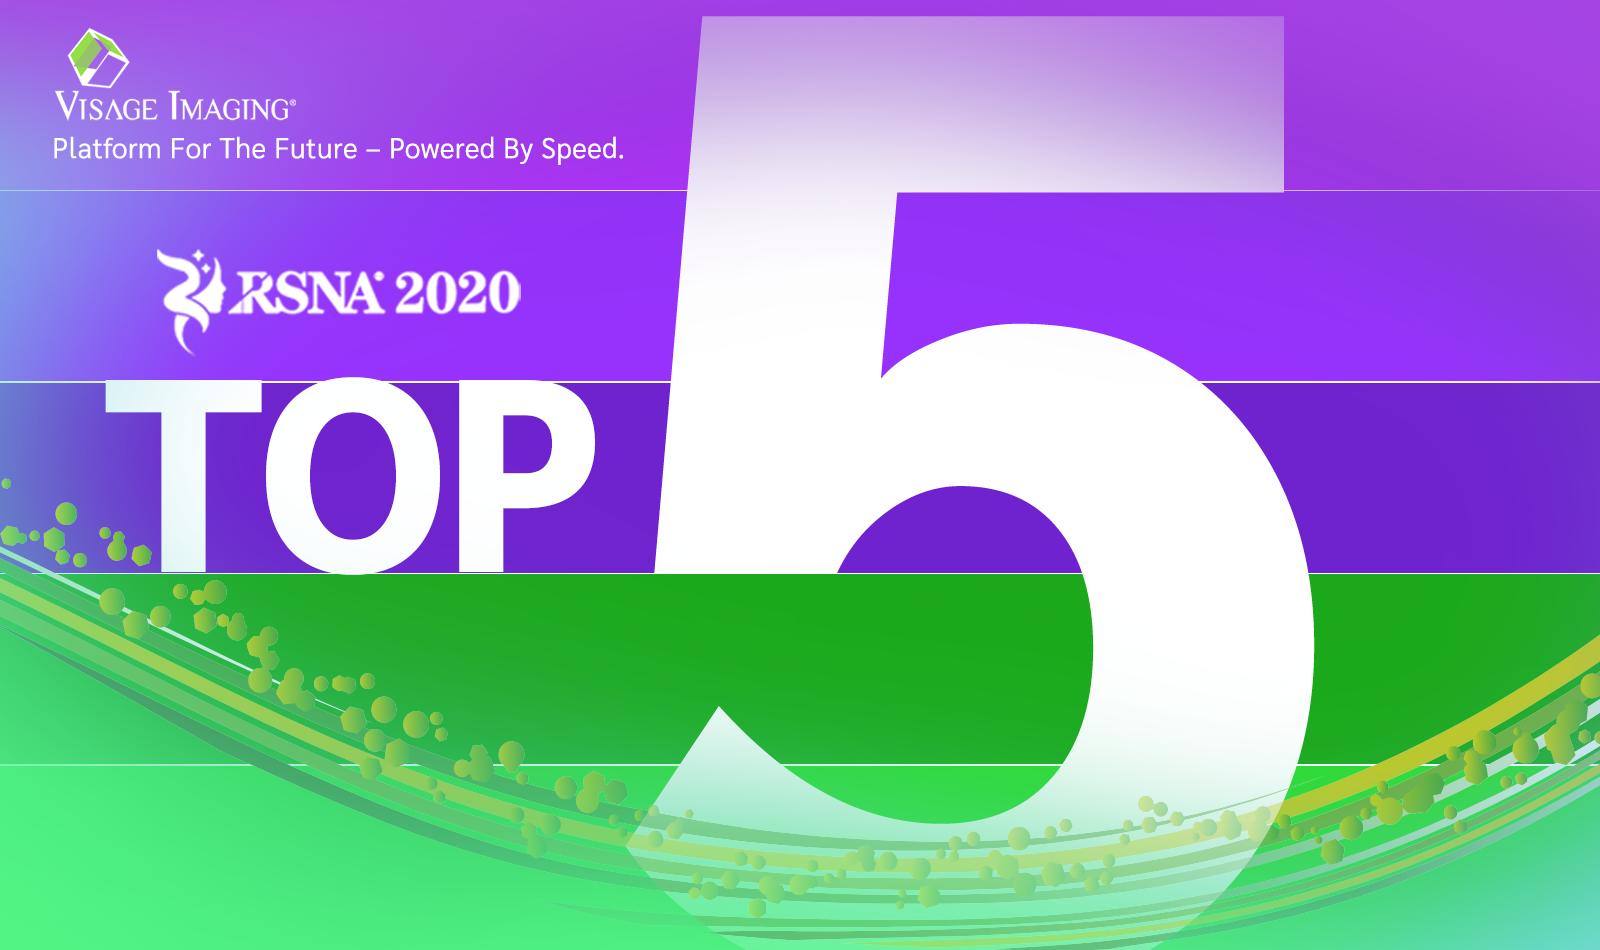 RSNA 2020 | Visage's Top Five